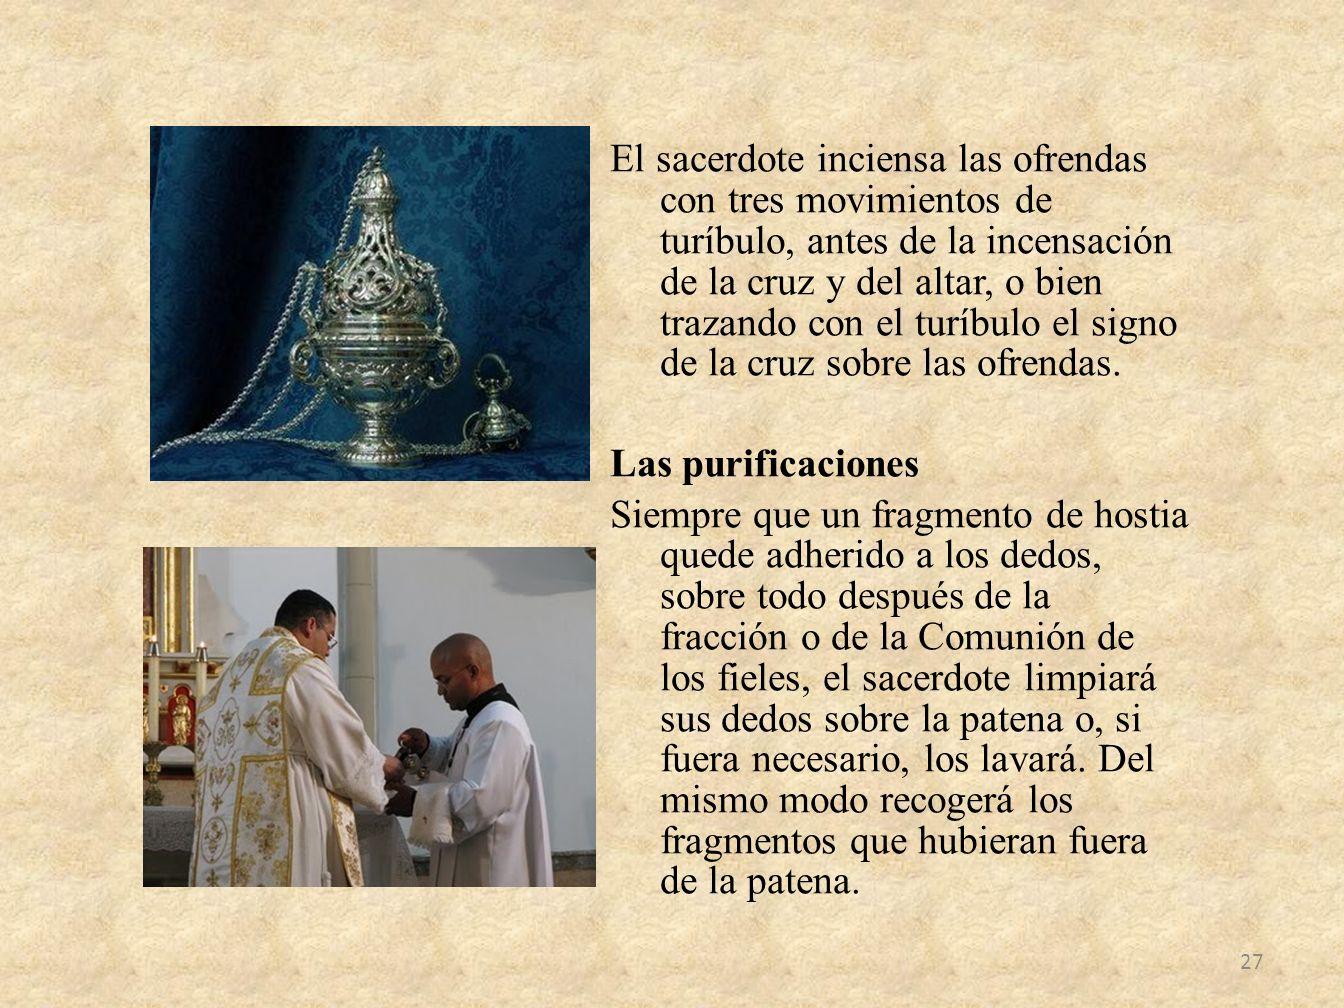 El sacerdote inciensa las ofrendas con tres movimientos de turíbulo, antes de la incensación de la cruz y del altar, o bien trazando con el turíbulo e